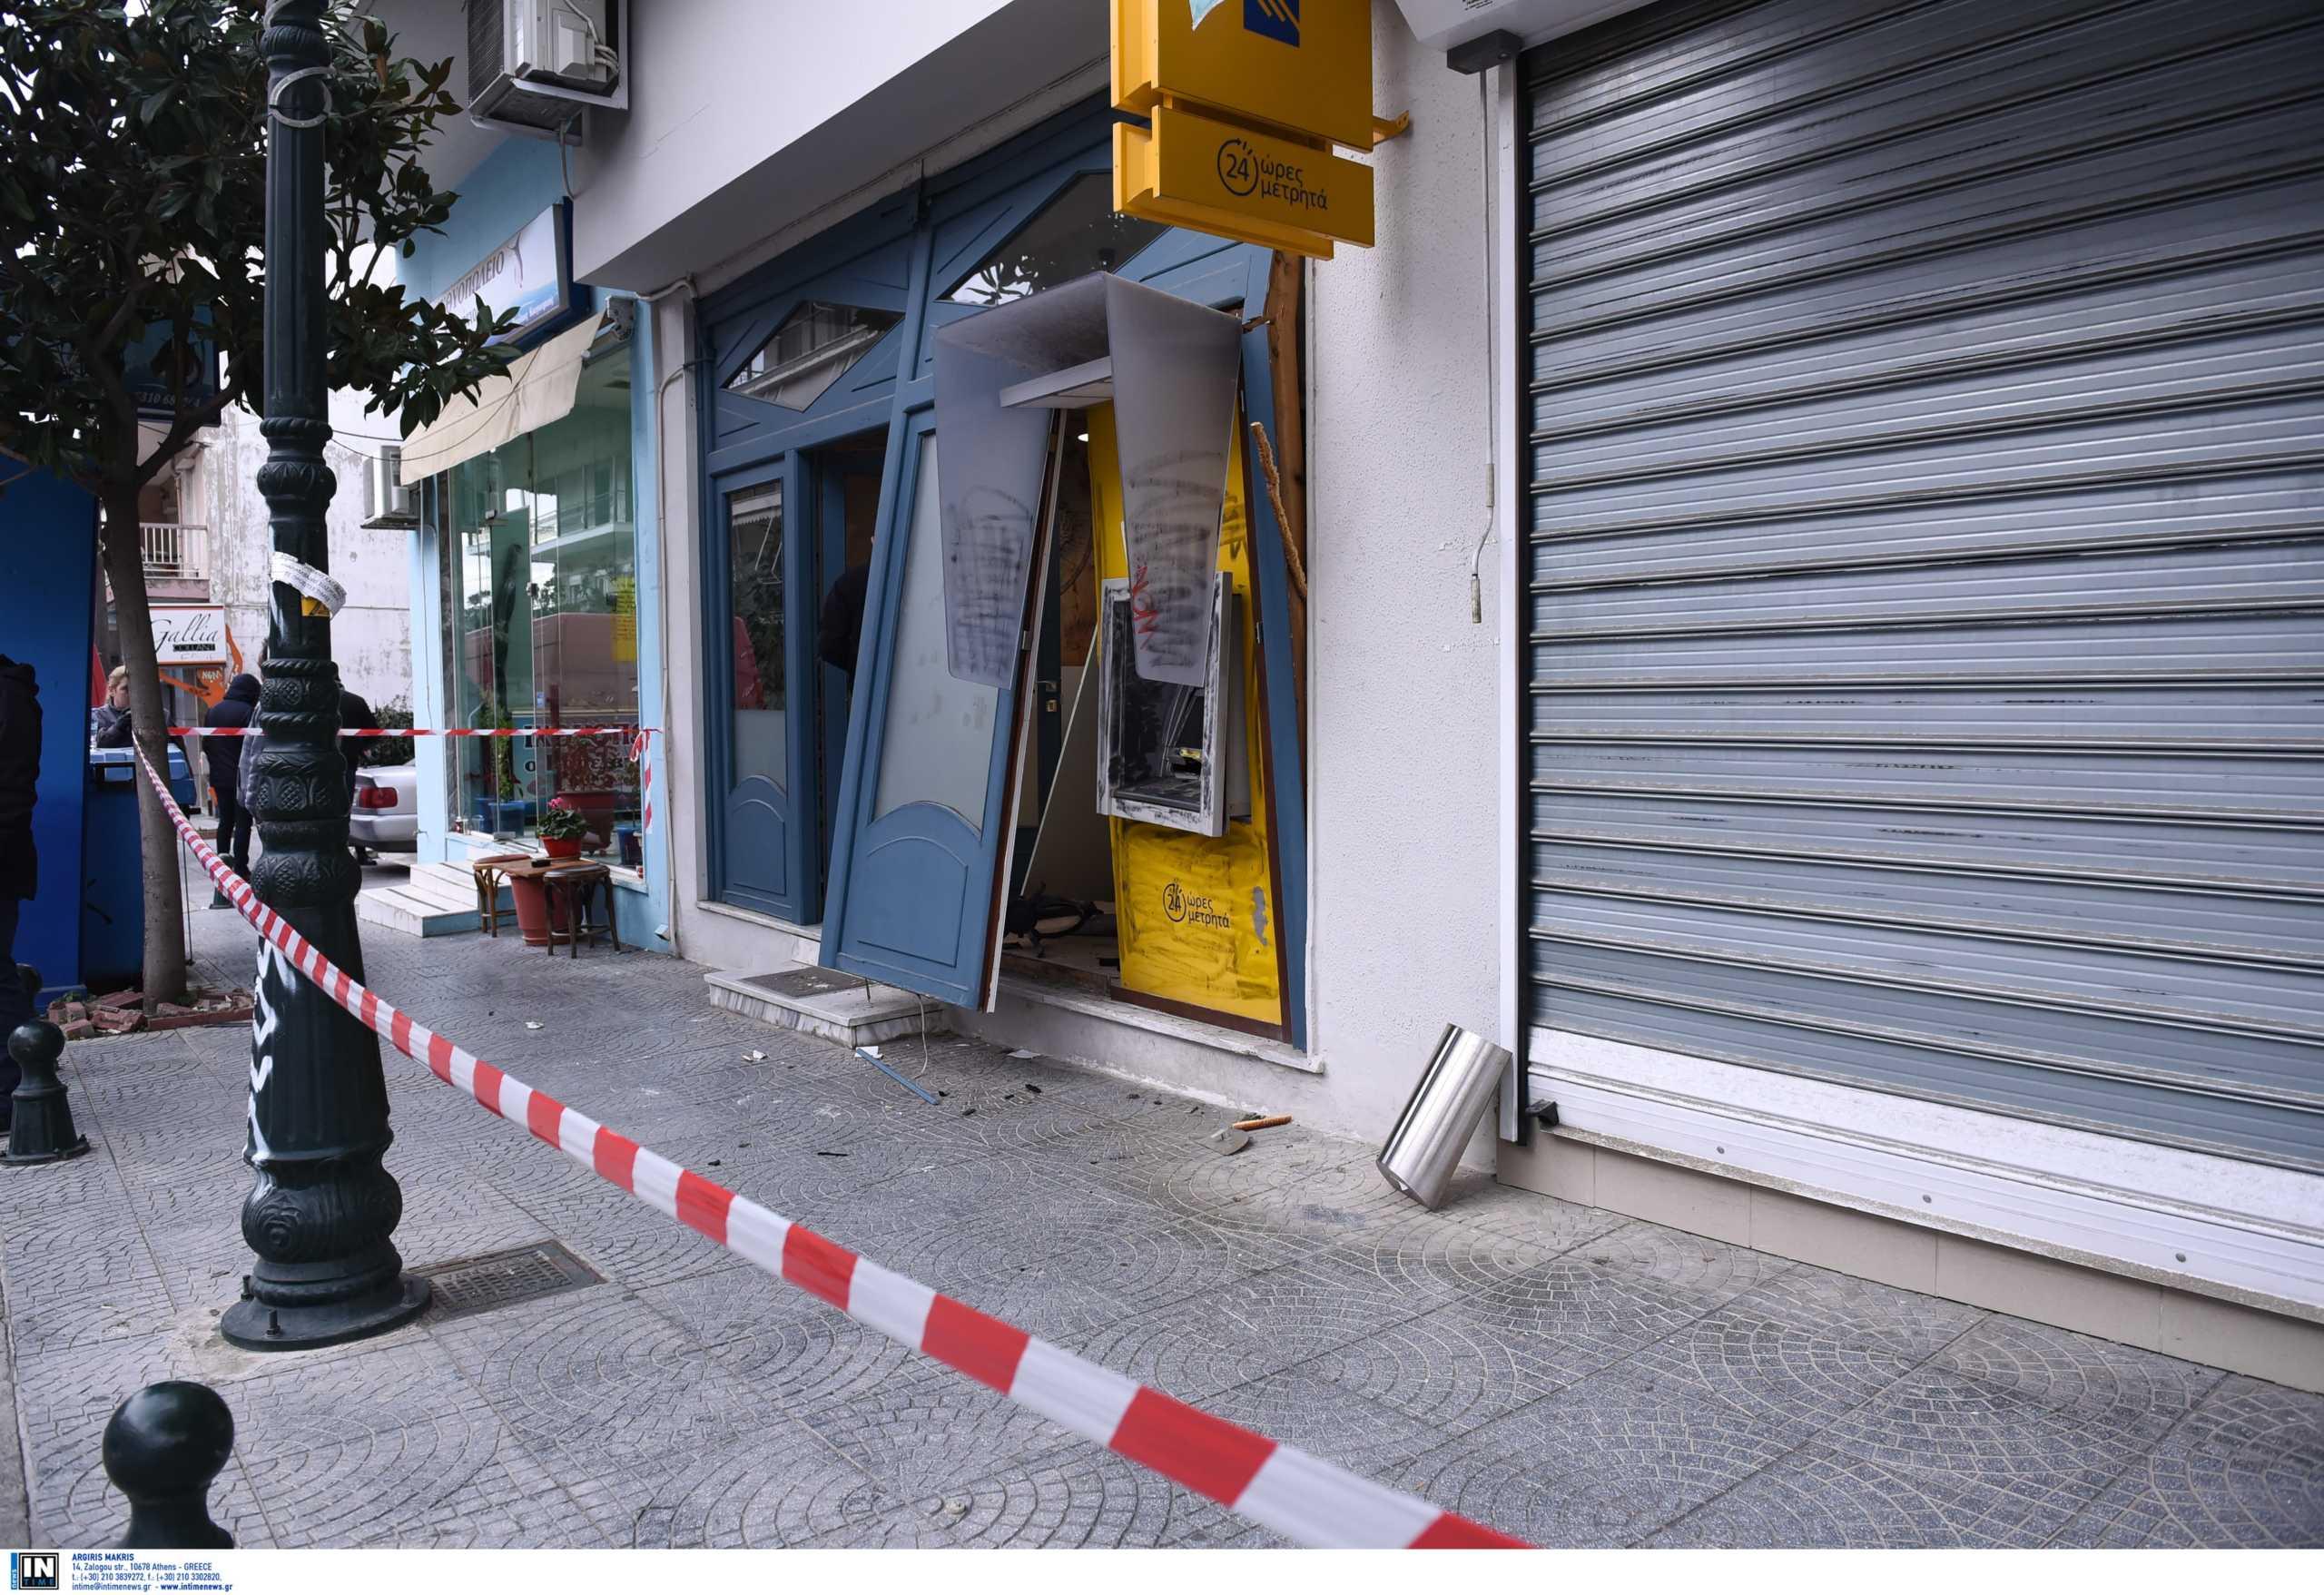 Πήγαν να ανατινάξουν ΑΤΜ τράπεζας και συνελήφθησαν μετά από καταδίωξη